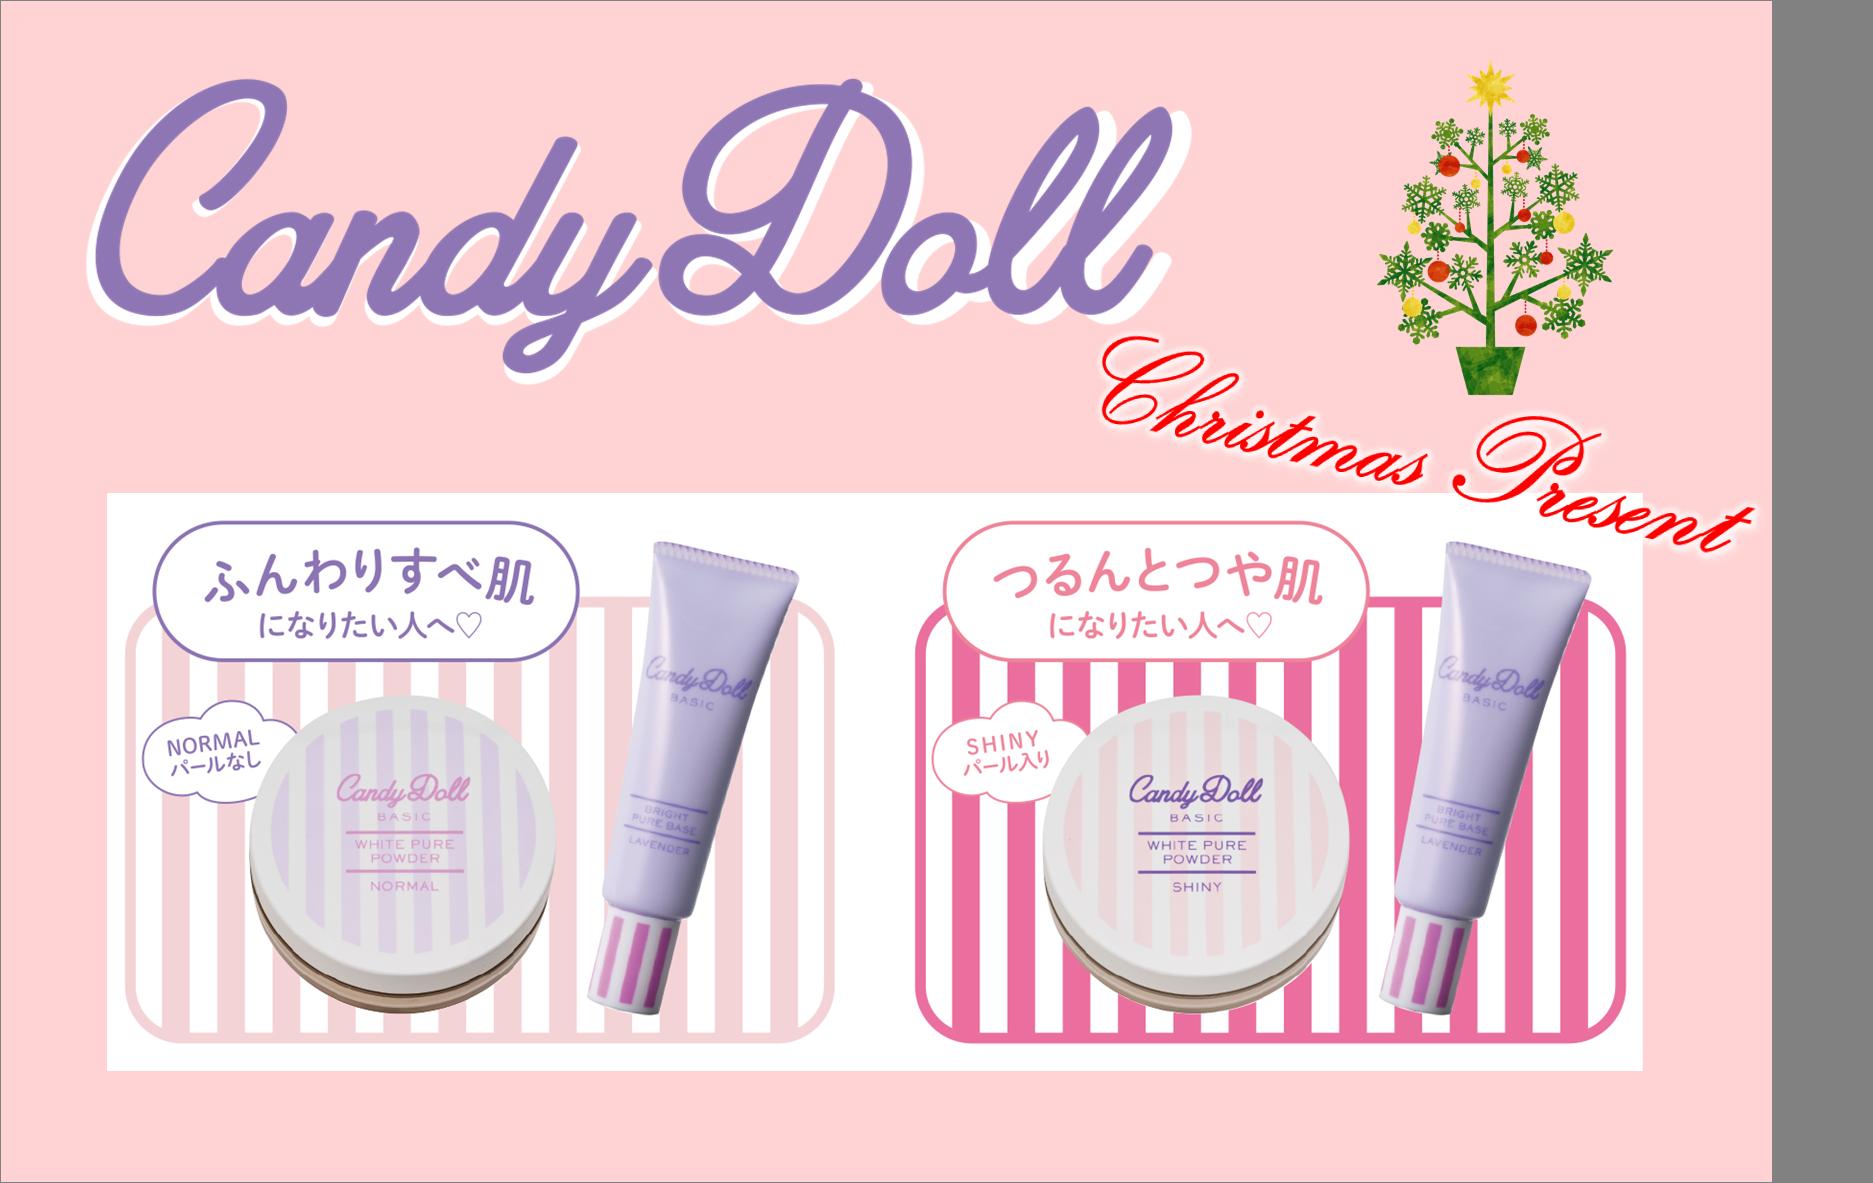 ♡CandyDoll部クリスマス企画♡ つばサンタからのクリスマスプレゼントキャンペーン実施中!!